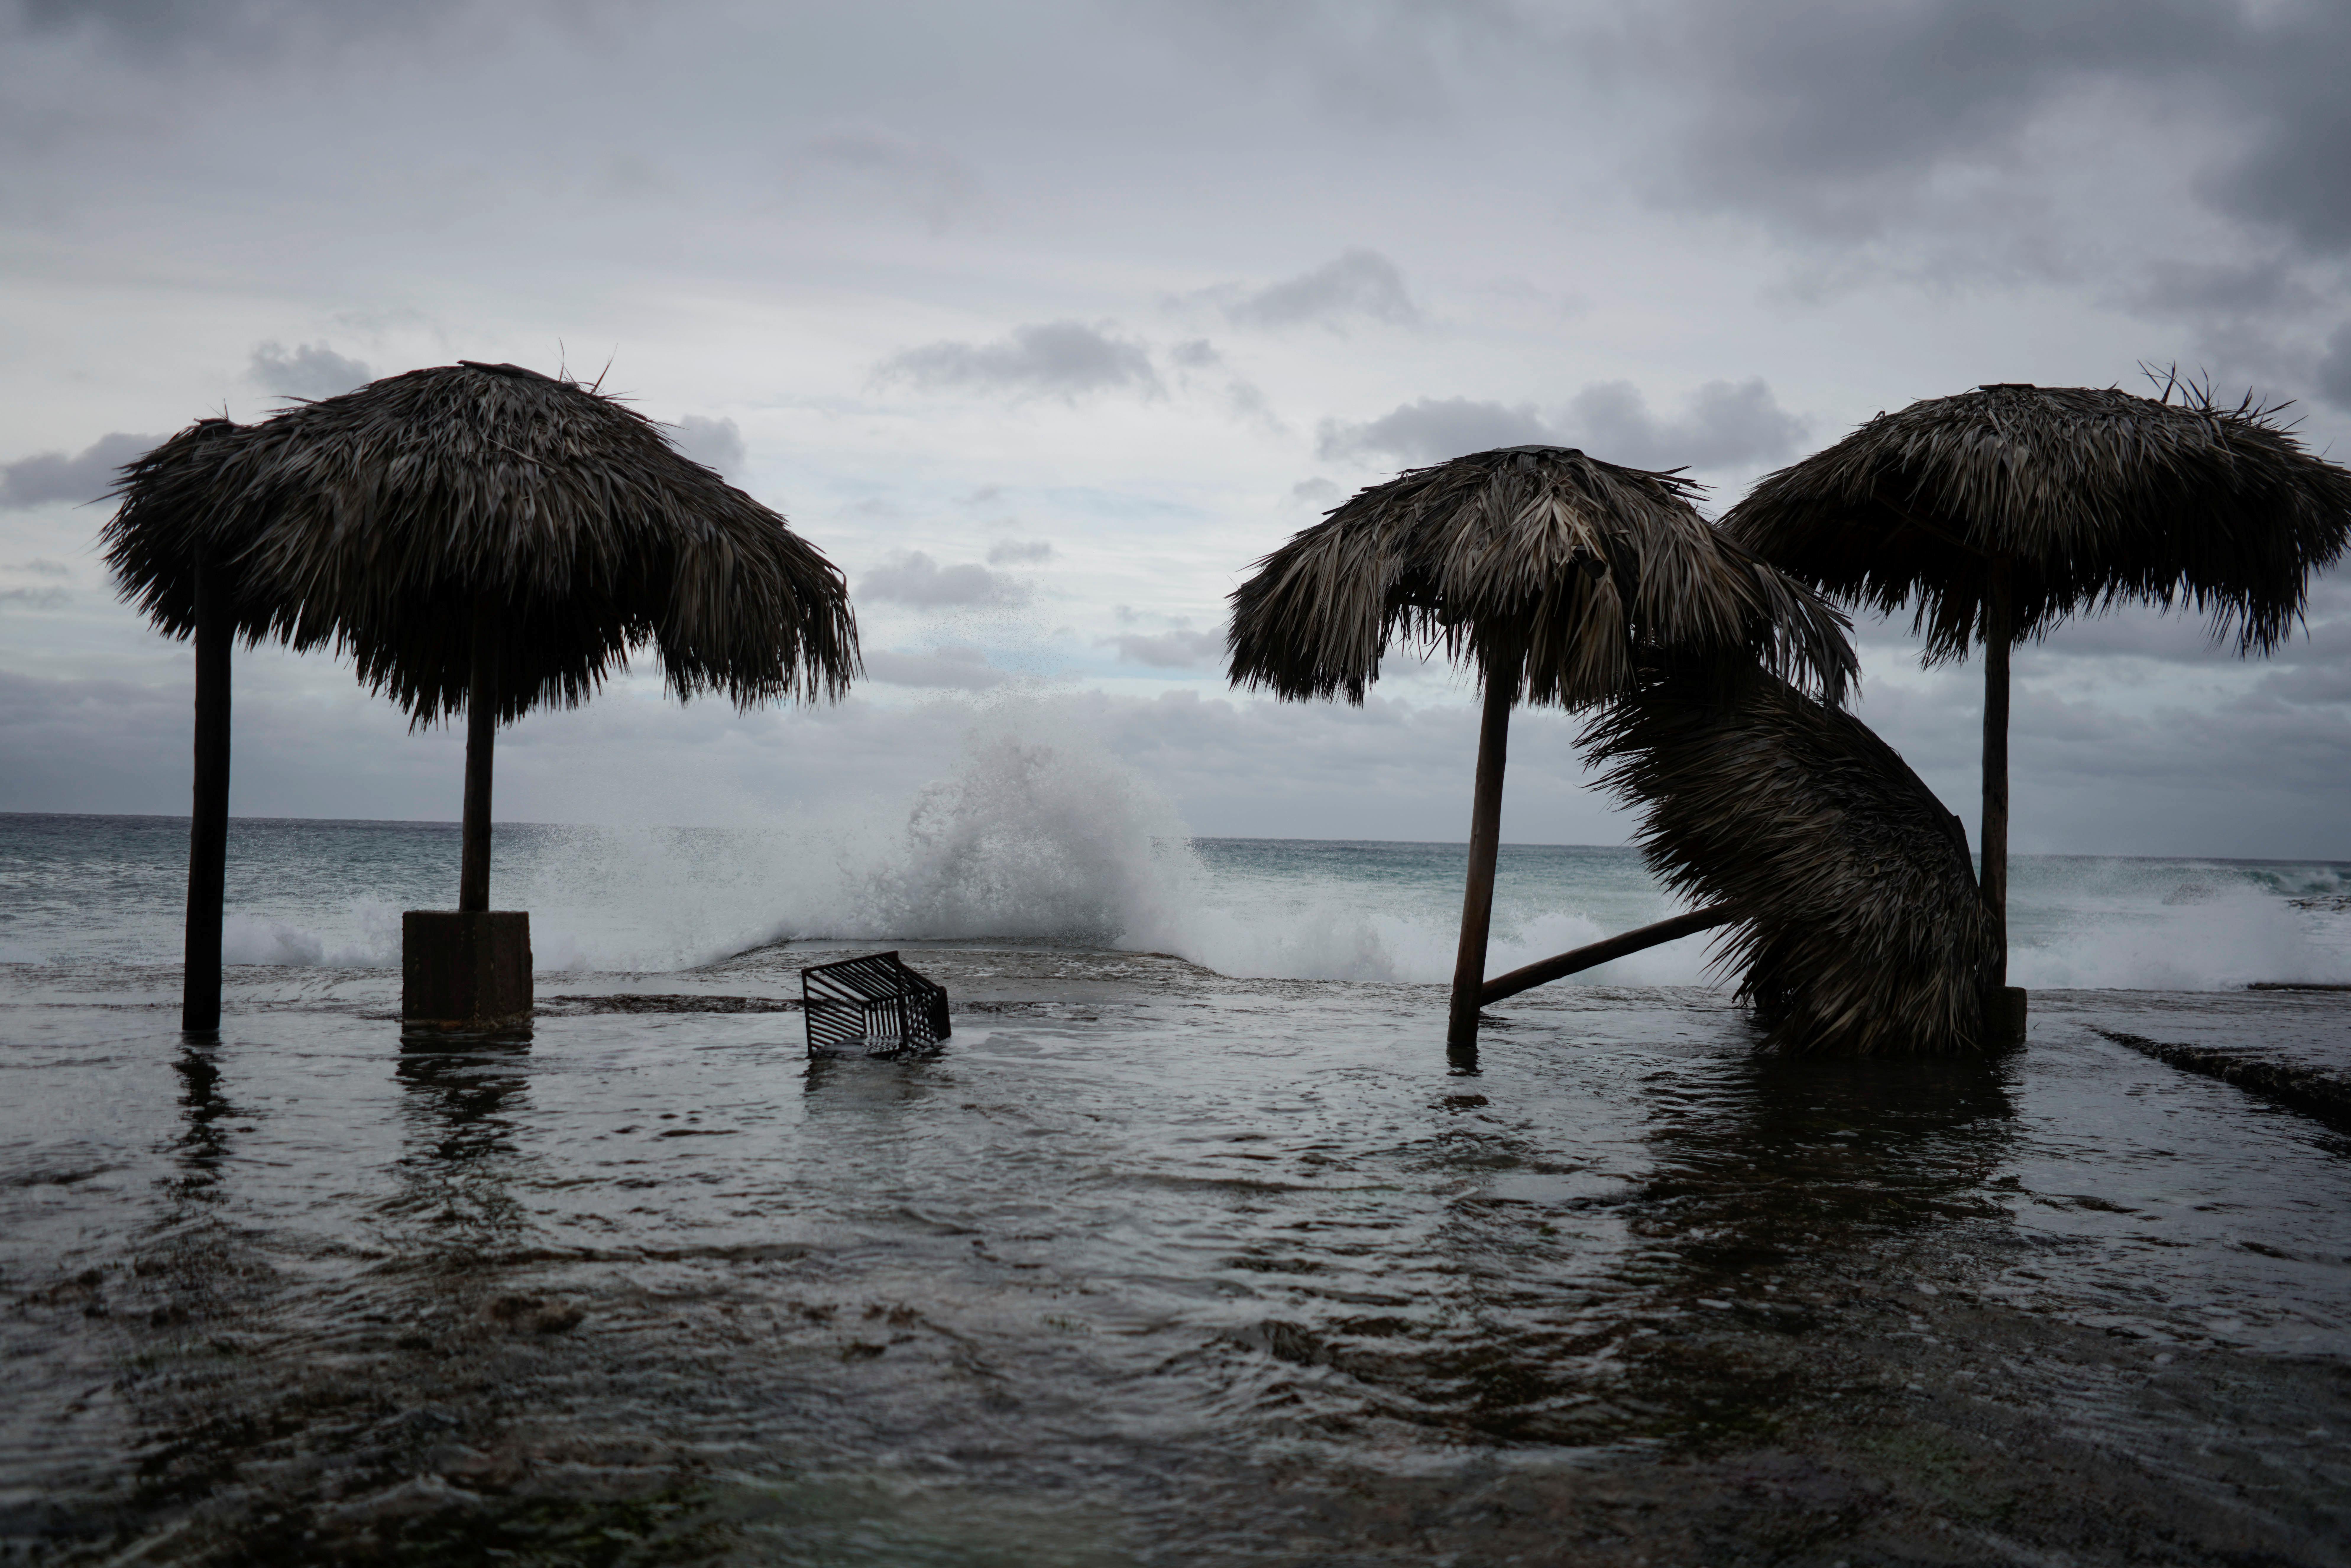 На Филиппинах эвакуировали около миллиона человек из-за тайфуна